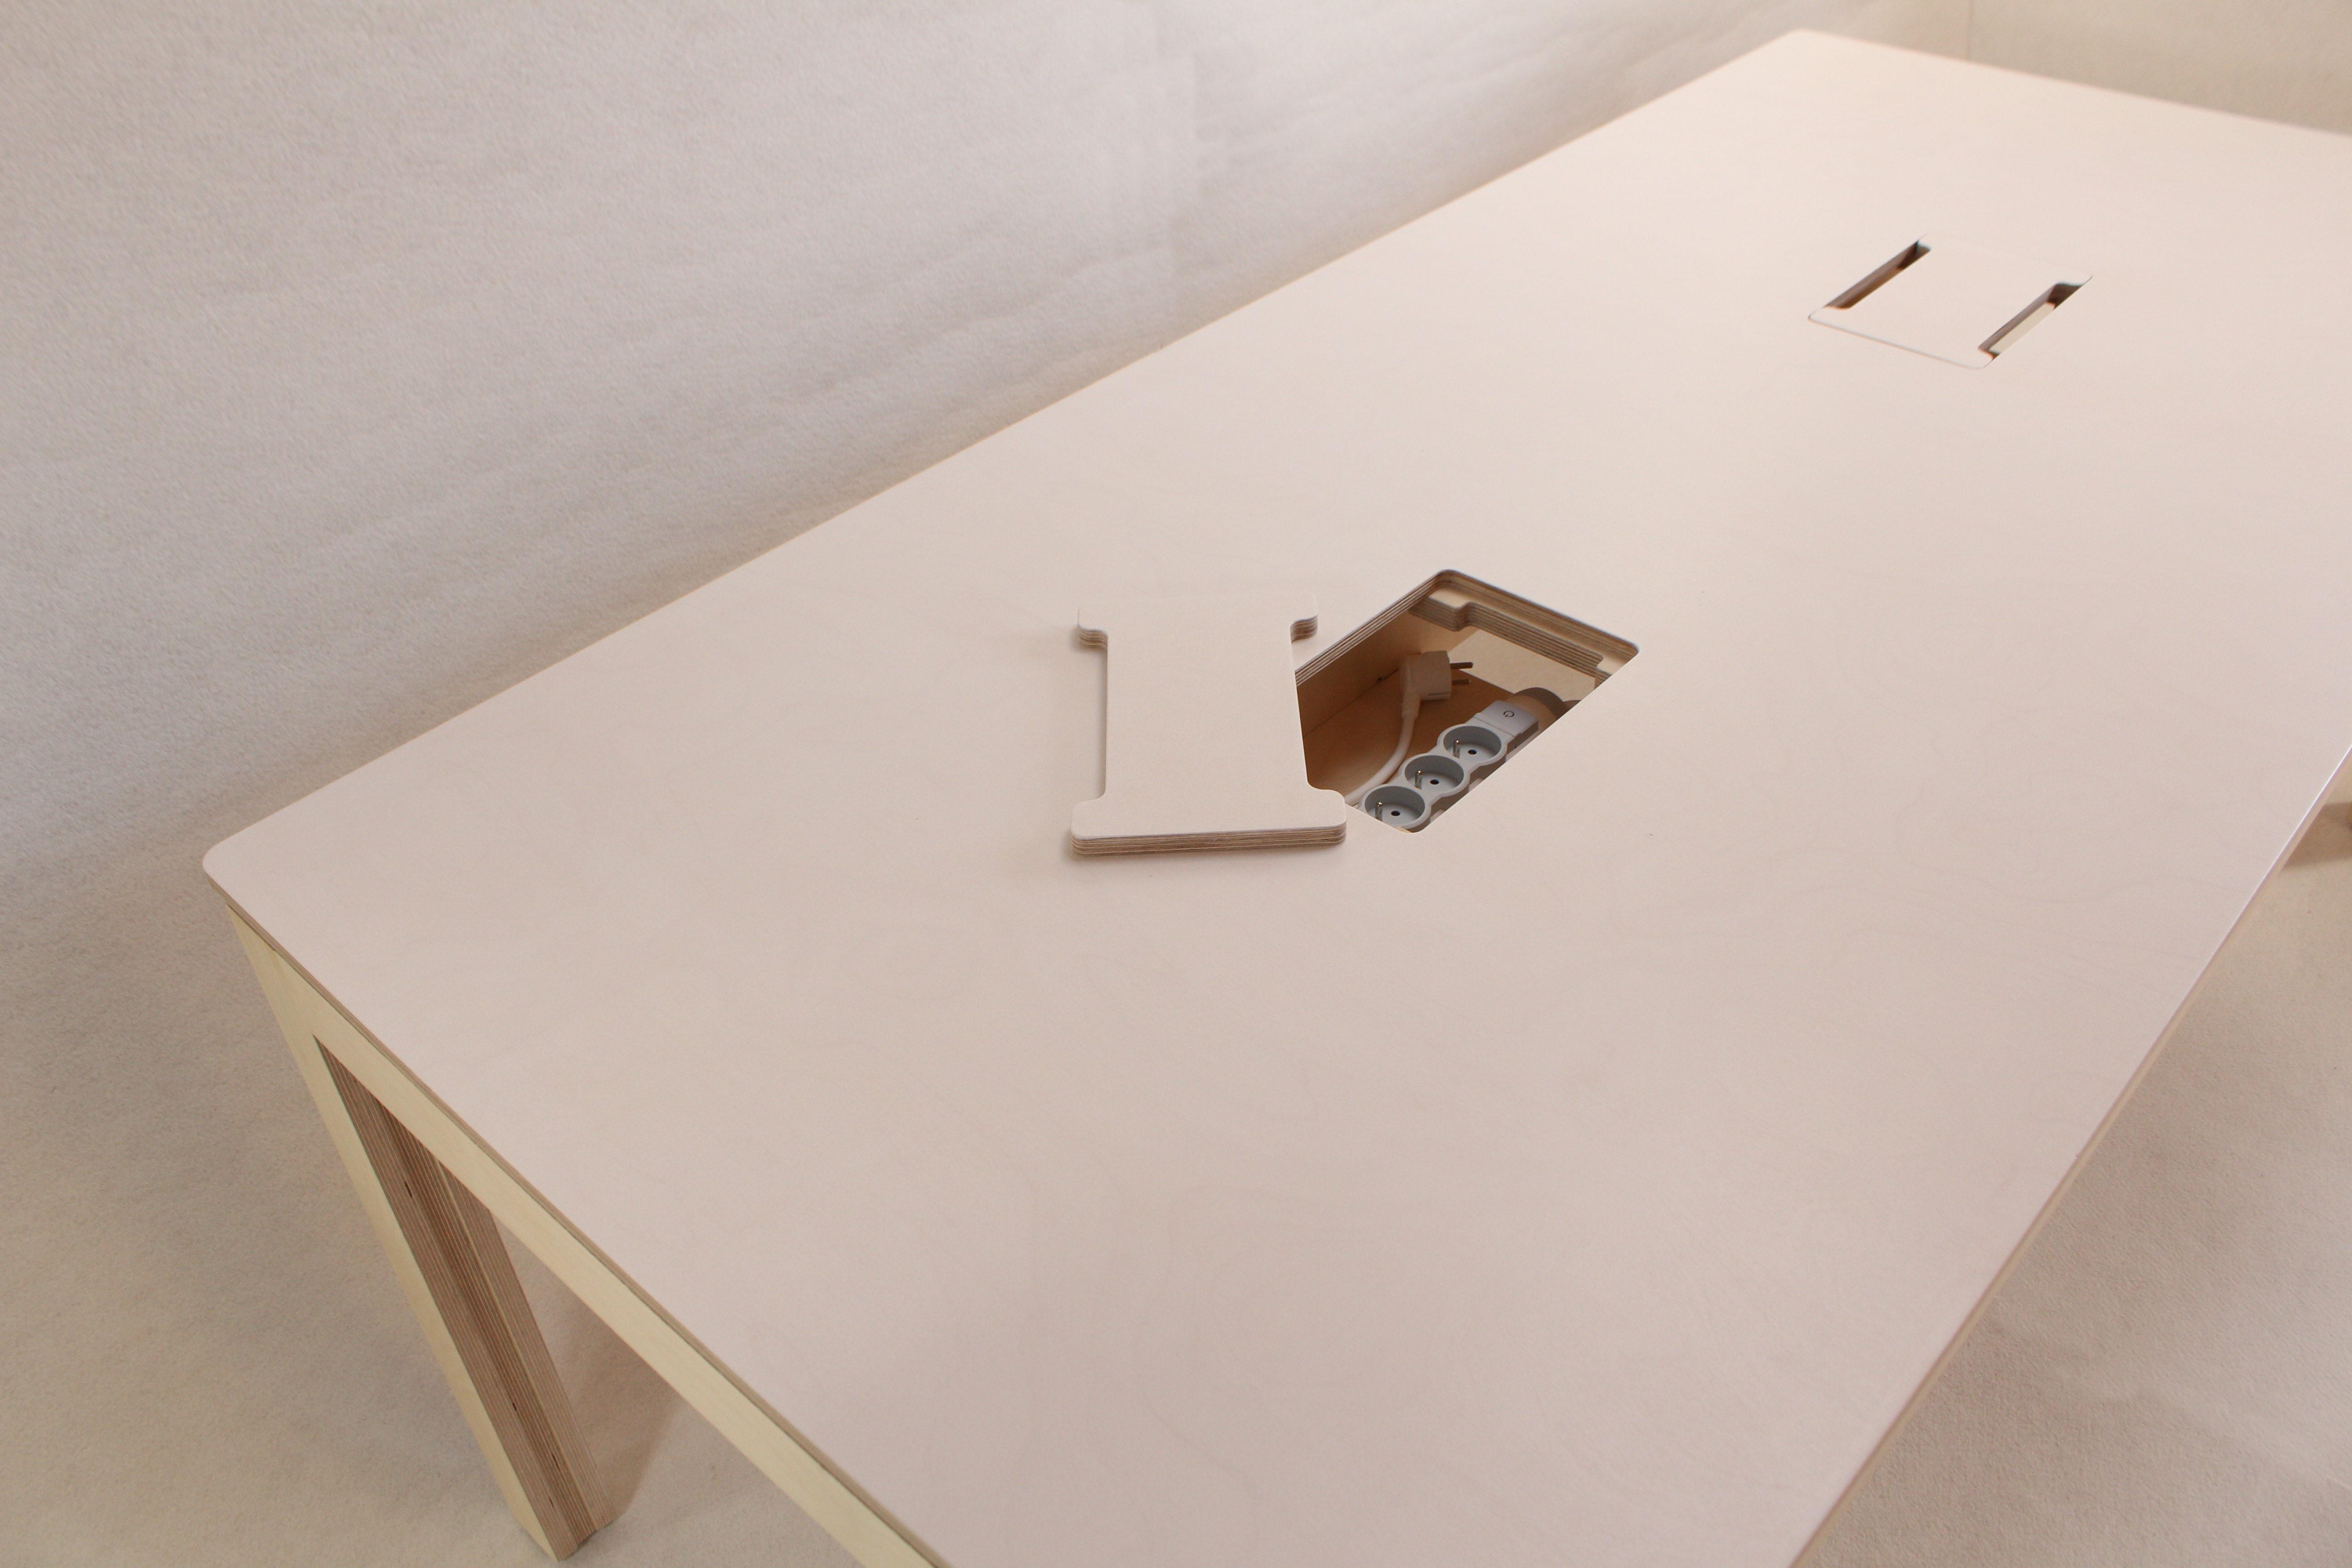 Bureau partagé confortable idéal pour co working et openspaces